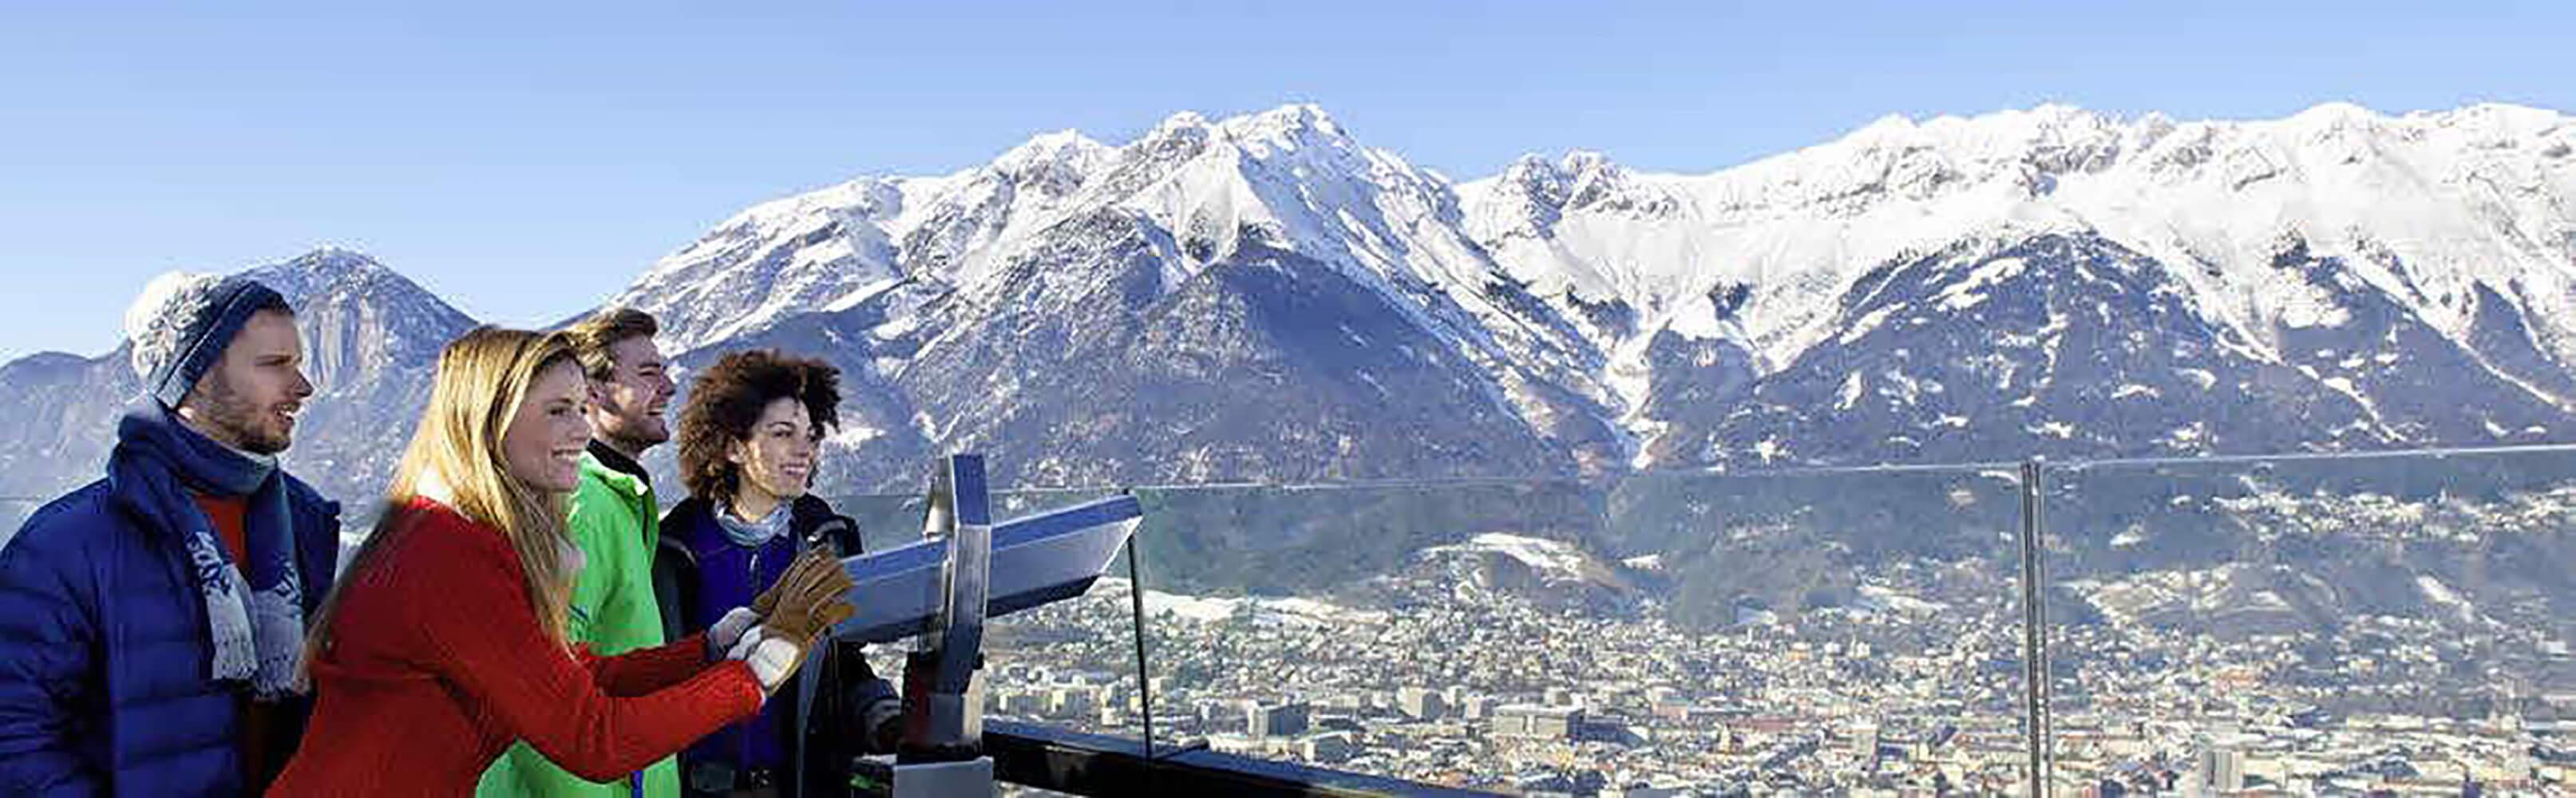 Bergisel Schanze bei Innsbruck  1